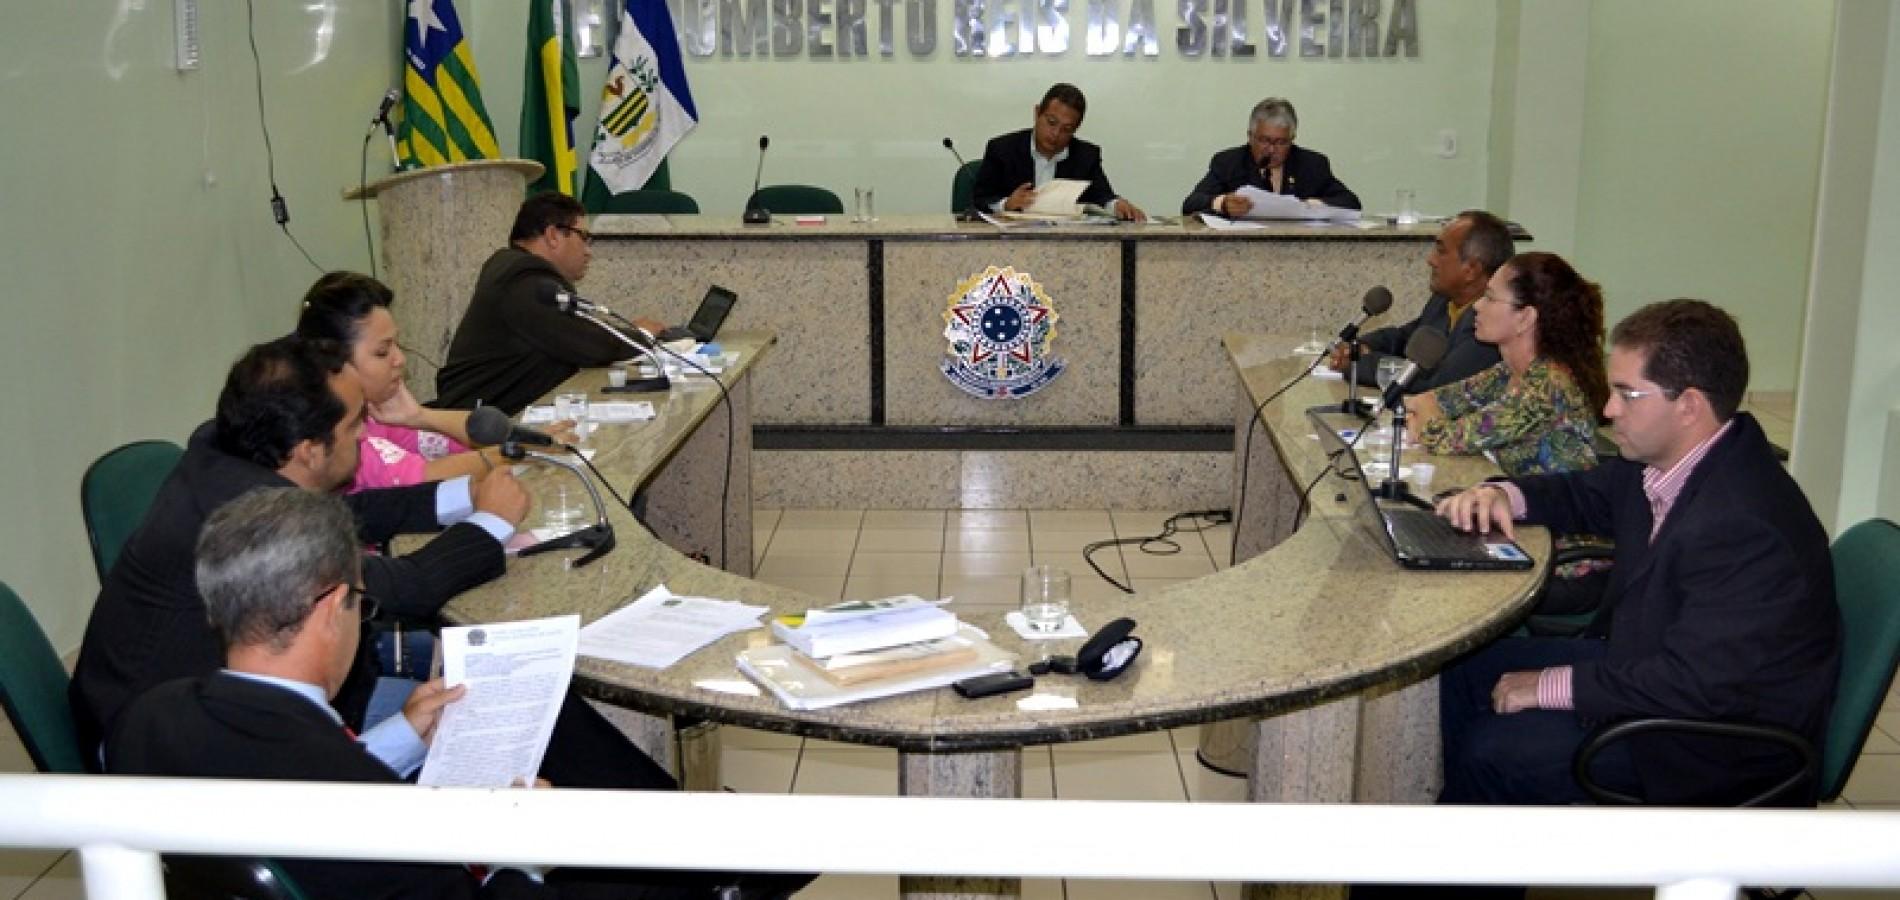 Câmara aprova quatro requerimentos solicitando melhorias para Jaicós. Veja!